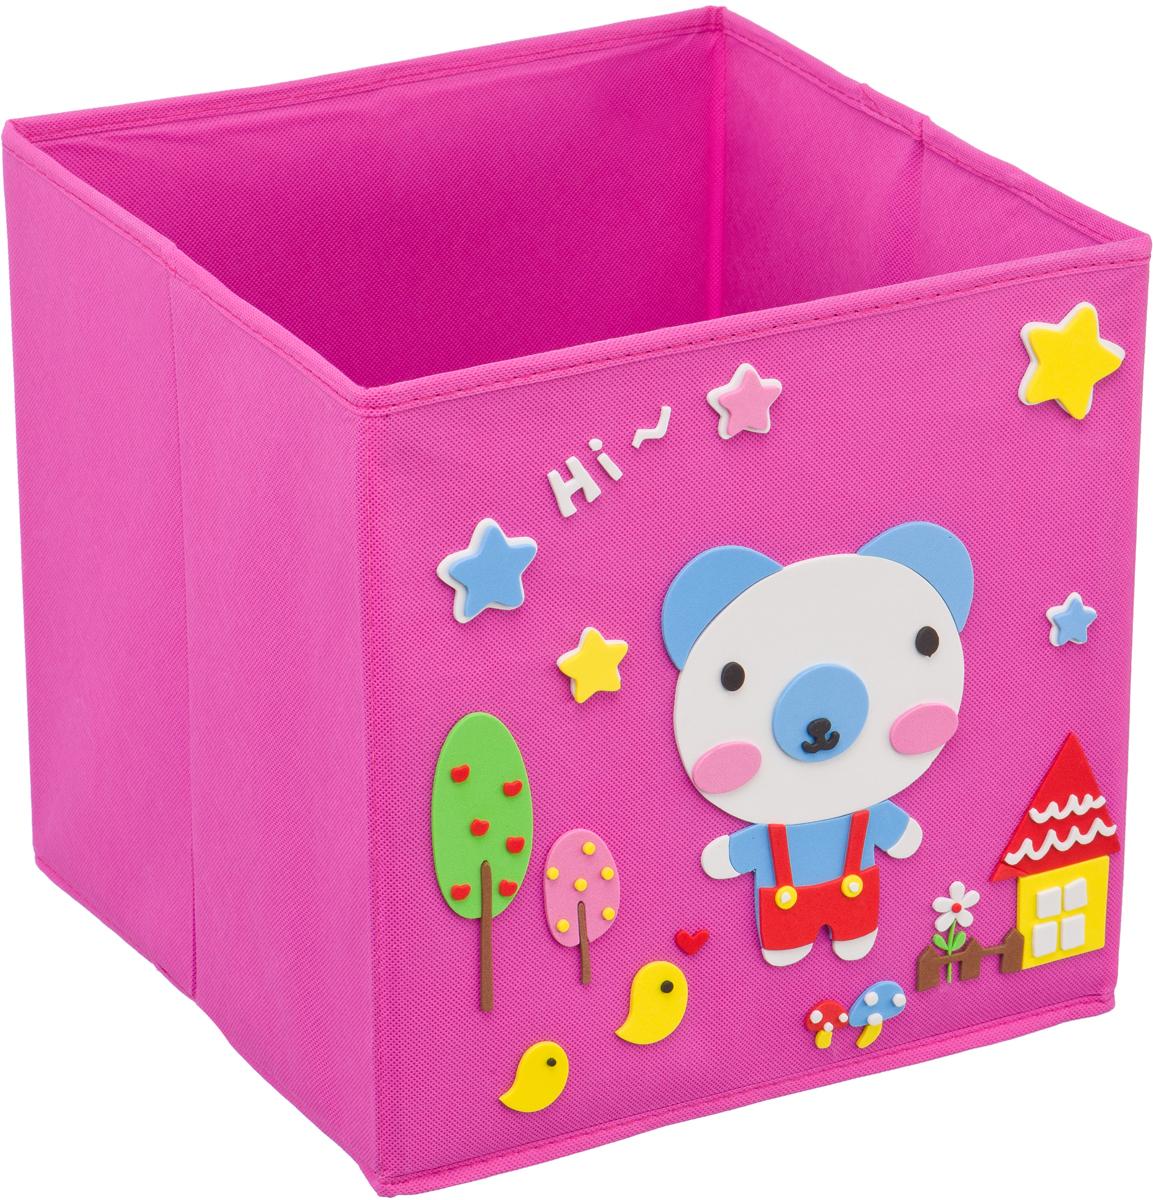 Кофр для хранения Handy Home Мишка, с аппликацией, цвет: розовыйUC-119Кофр с аппликацией - универсальная система для домашнего хранения, которая дополняется интересной аппликацией с эксклюзивным и веселым детским дизайном для оформления фронтальной стороны короба. Комплект представляет собой складной короб из нетканого материала и картона, плюс самоклеящаяся аппликация из полимера, которую необходимо самому собрать в картину.Соберите всю увлекательную коллекцию у себя дома.